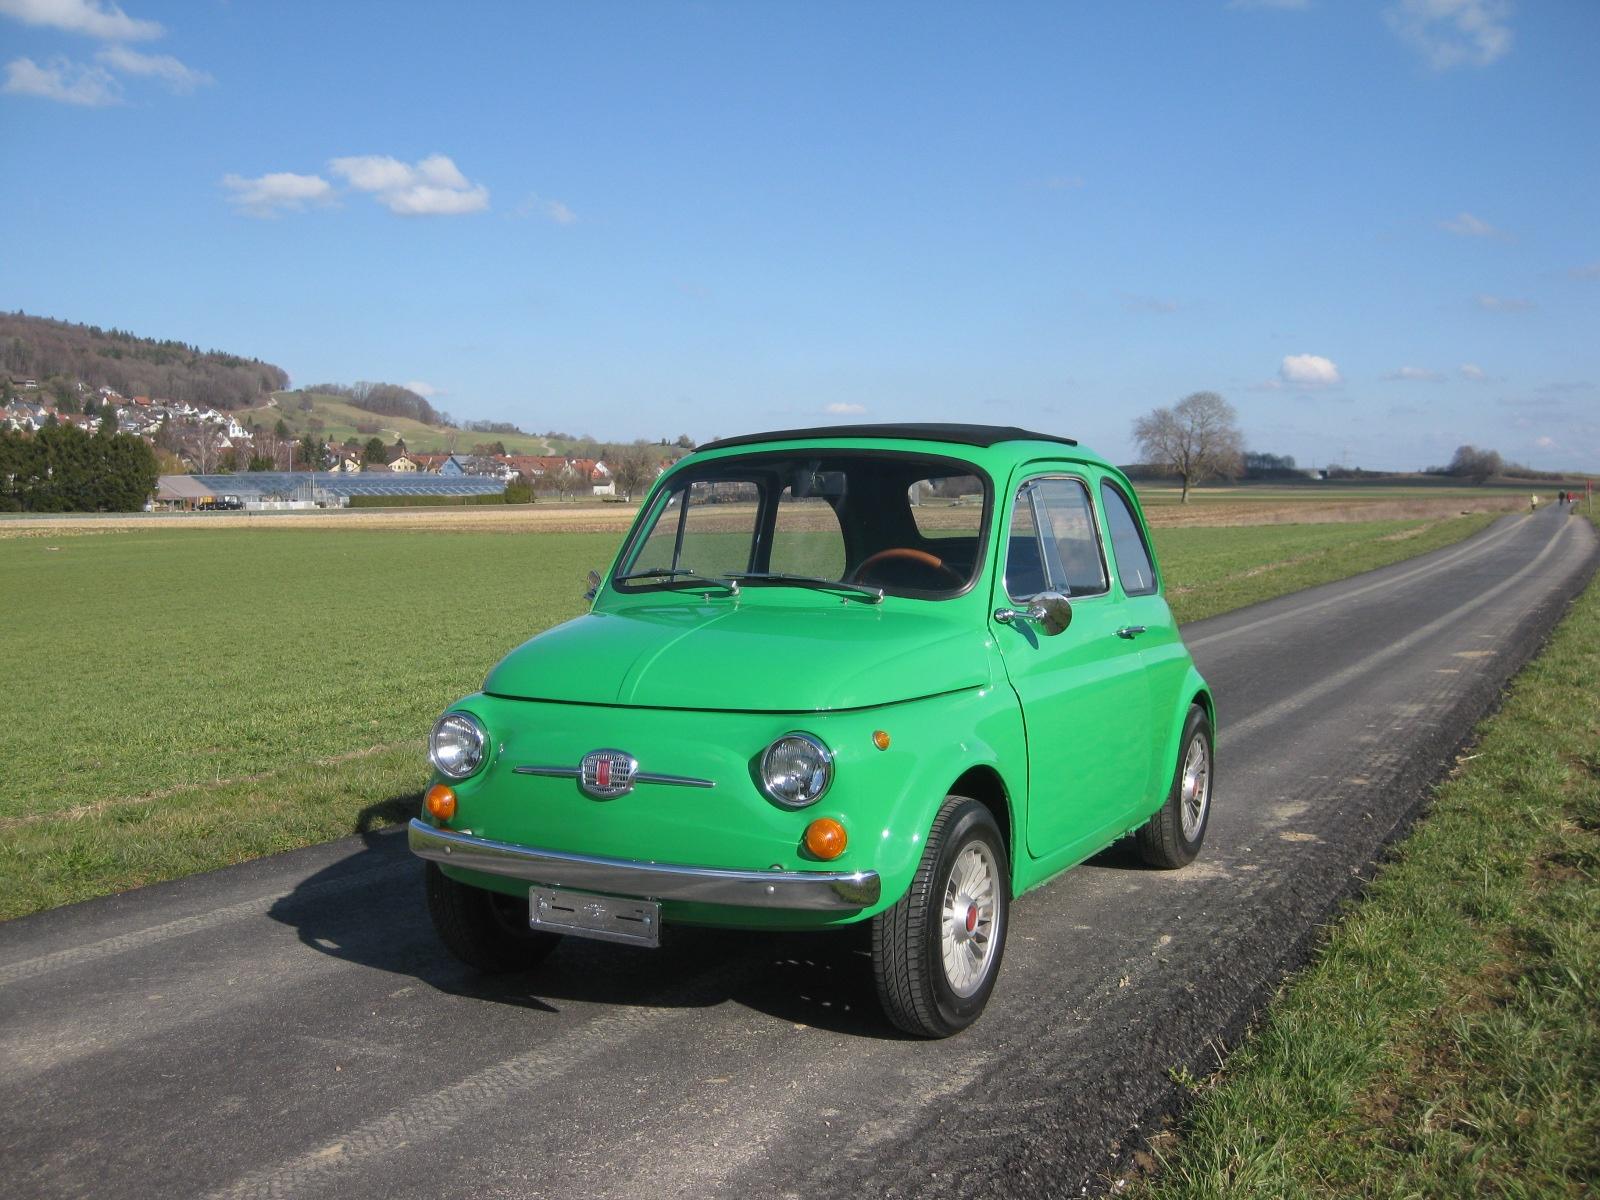 1965 Fiat 500 Vintage Car For Sale 1970